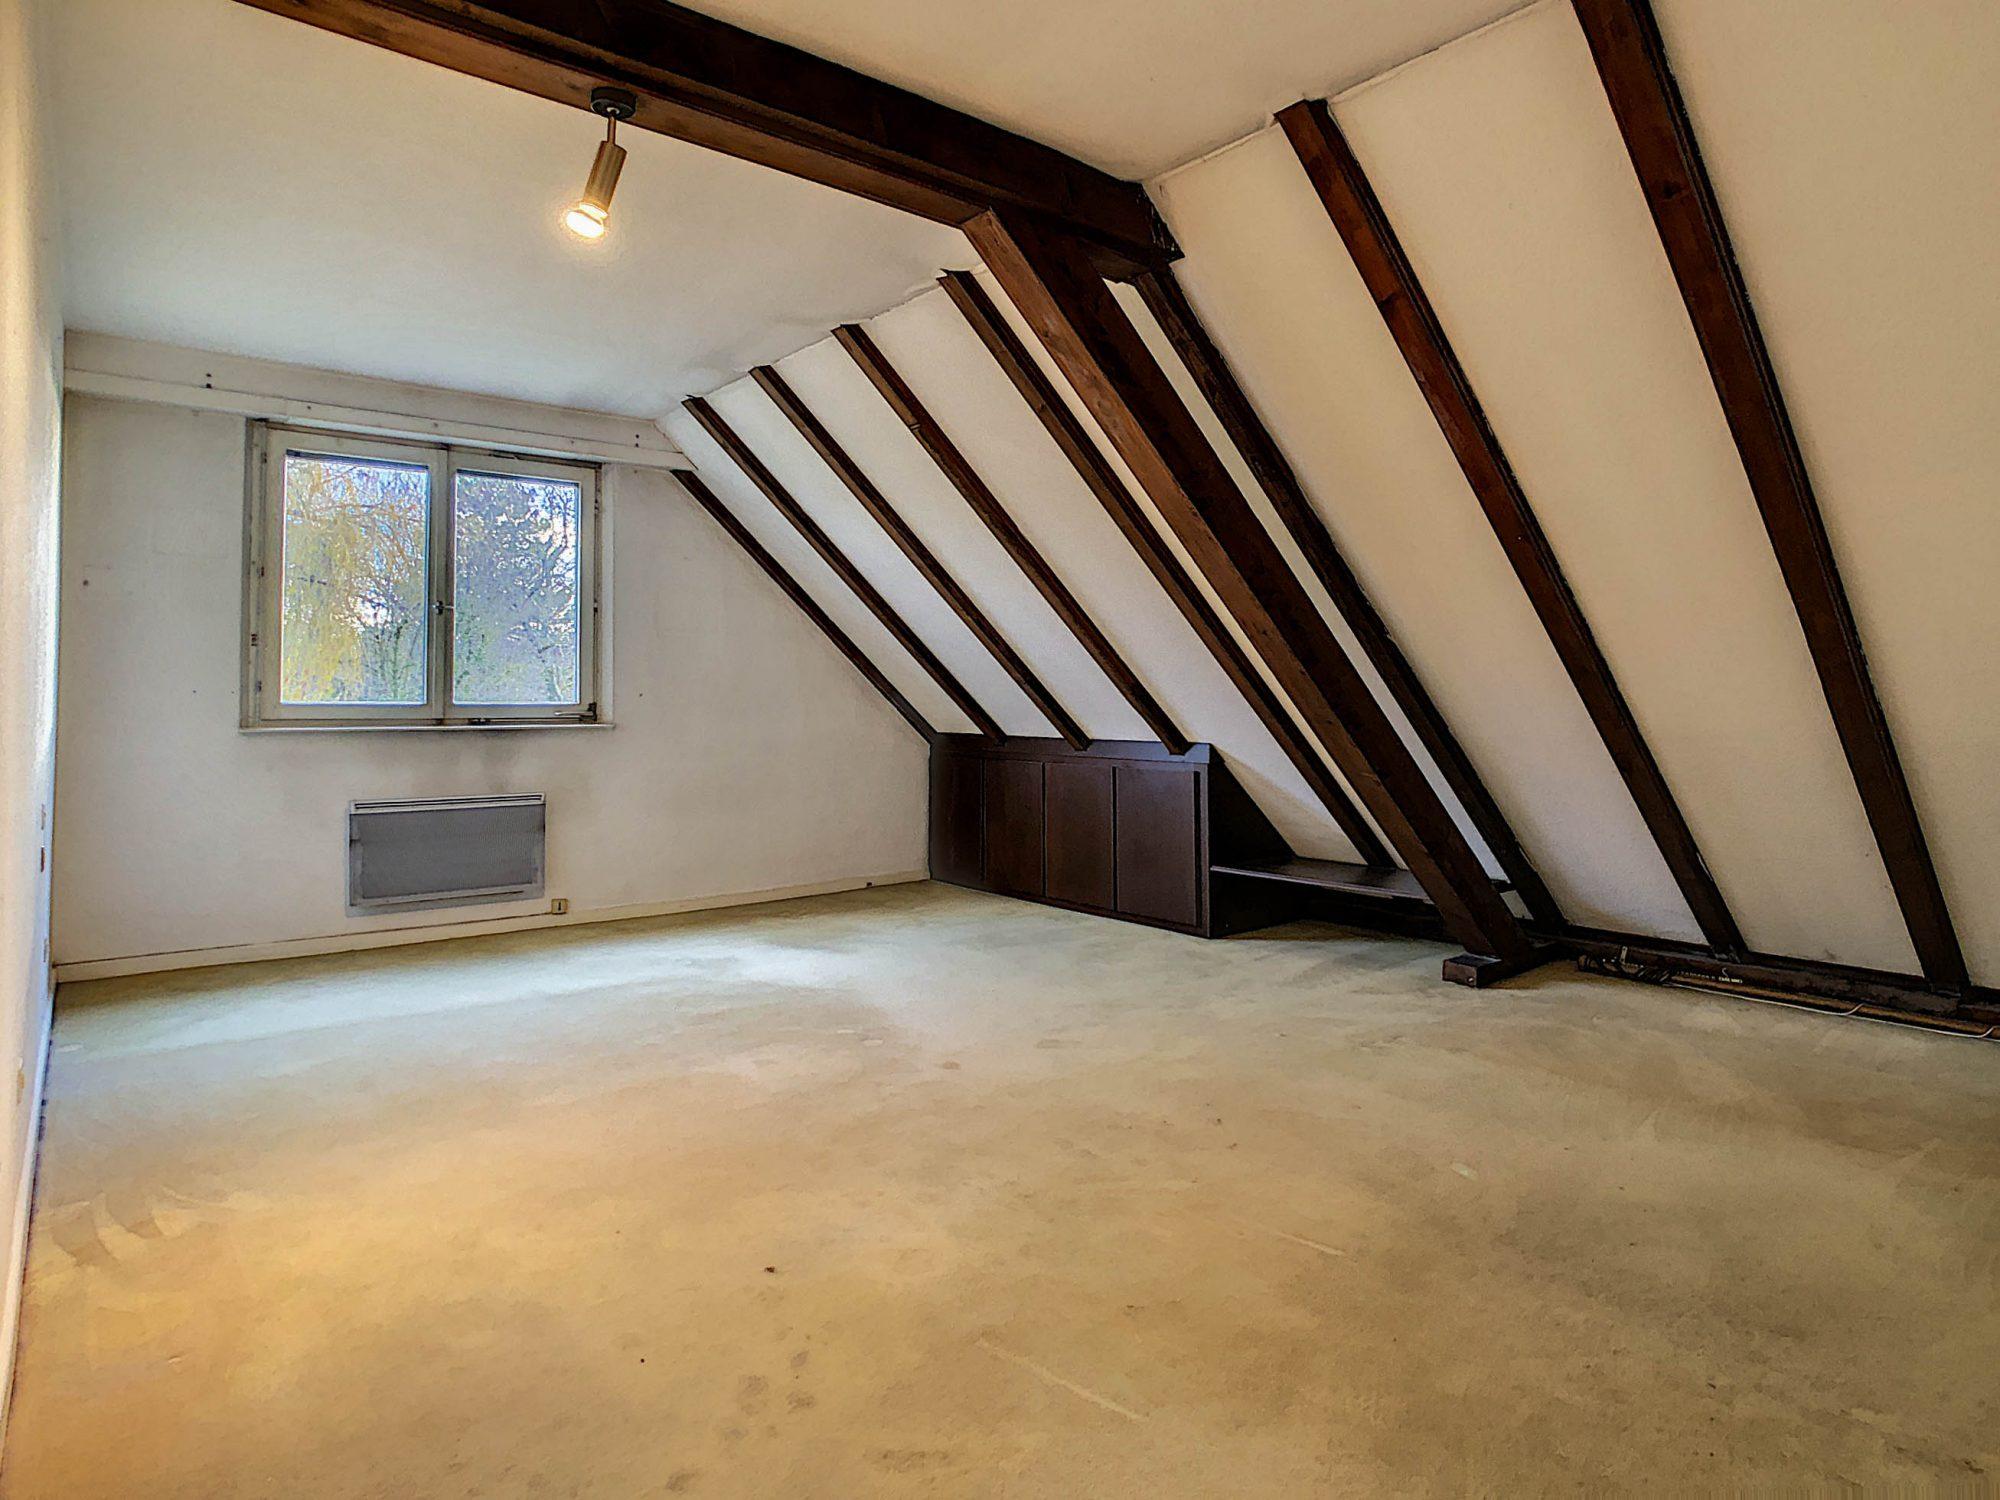 Maison individuelle 8 pièces de 250m2 à Illkirch-Graffenstaden - Devenez propriétaire en toute confiance - Bintz Immobilier - 19